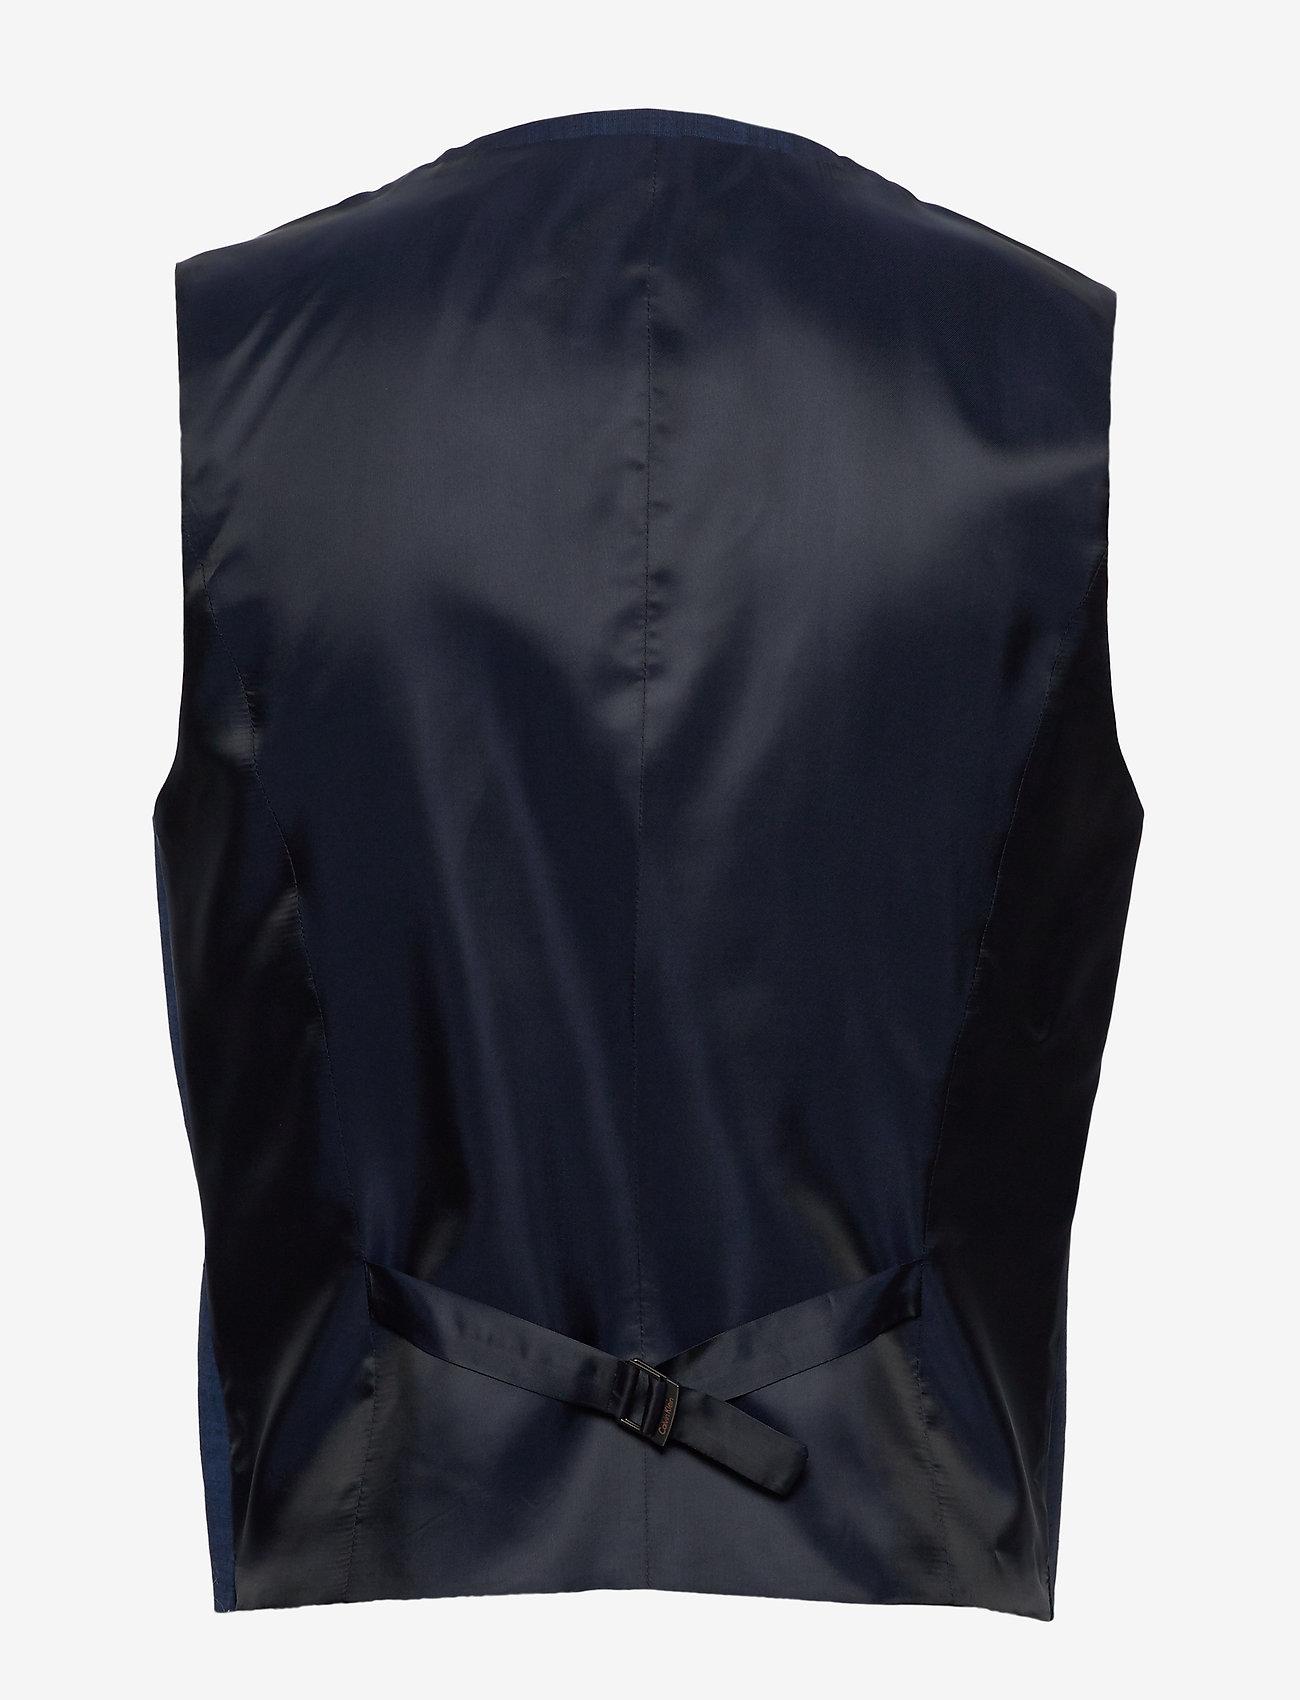 Wool Cotton Tropical Waistcoat (Regal Navy) - Calvin Klein qjQyob